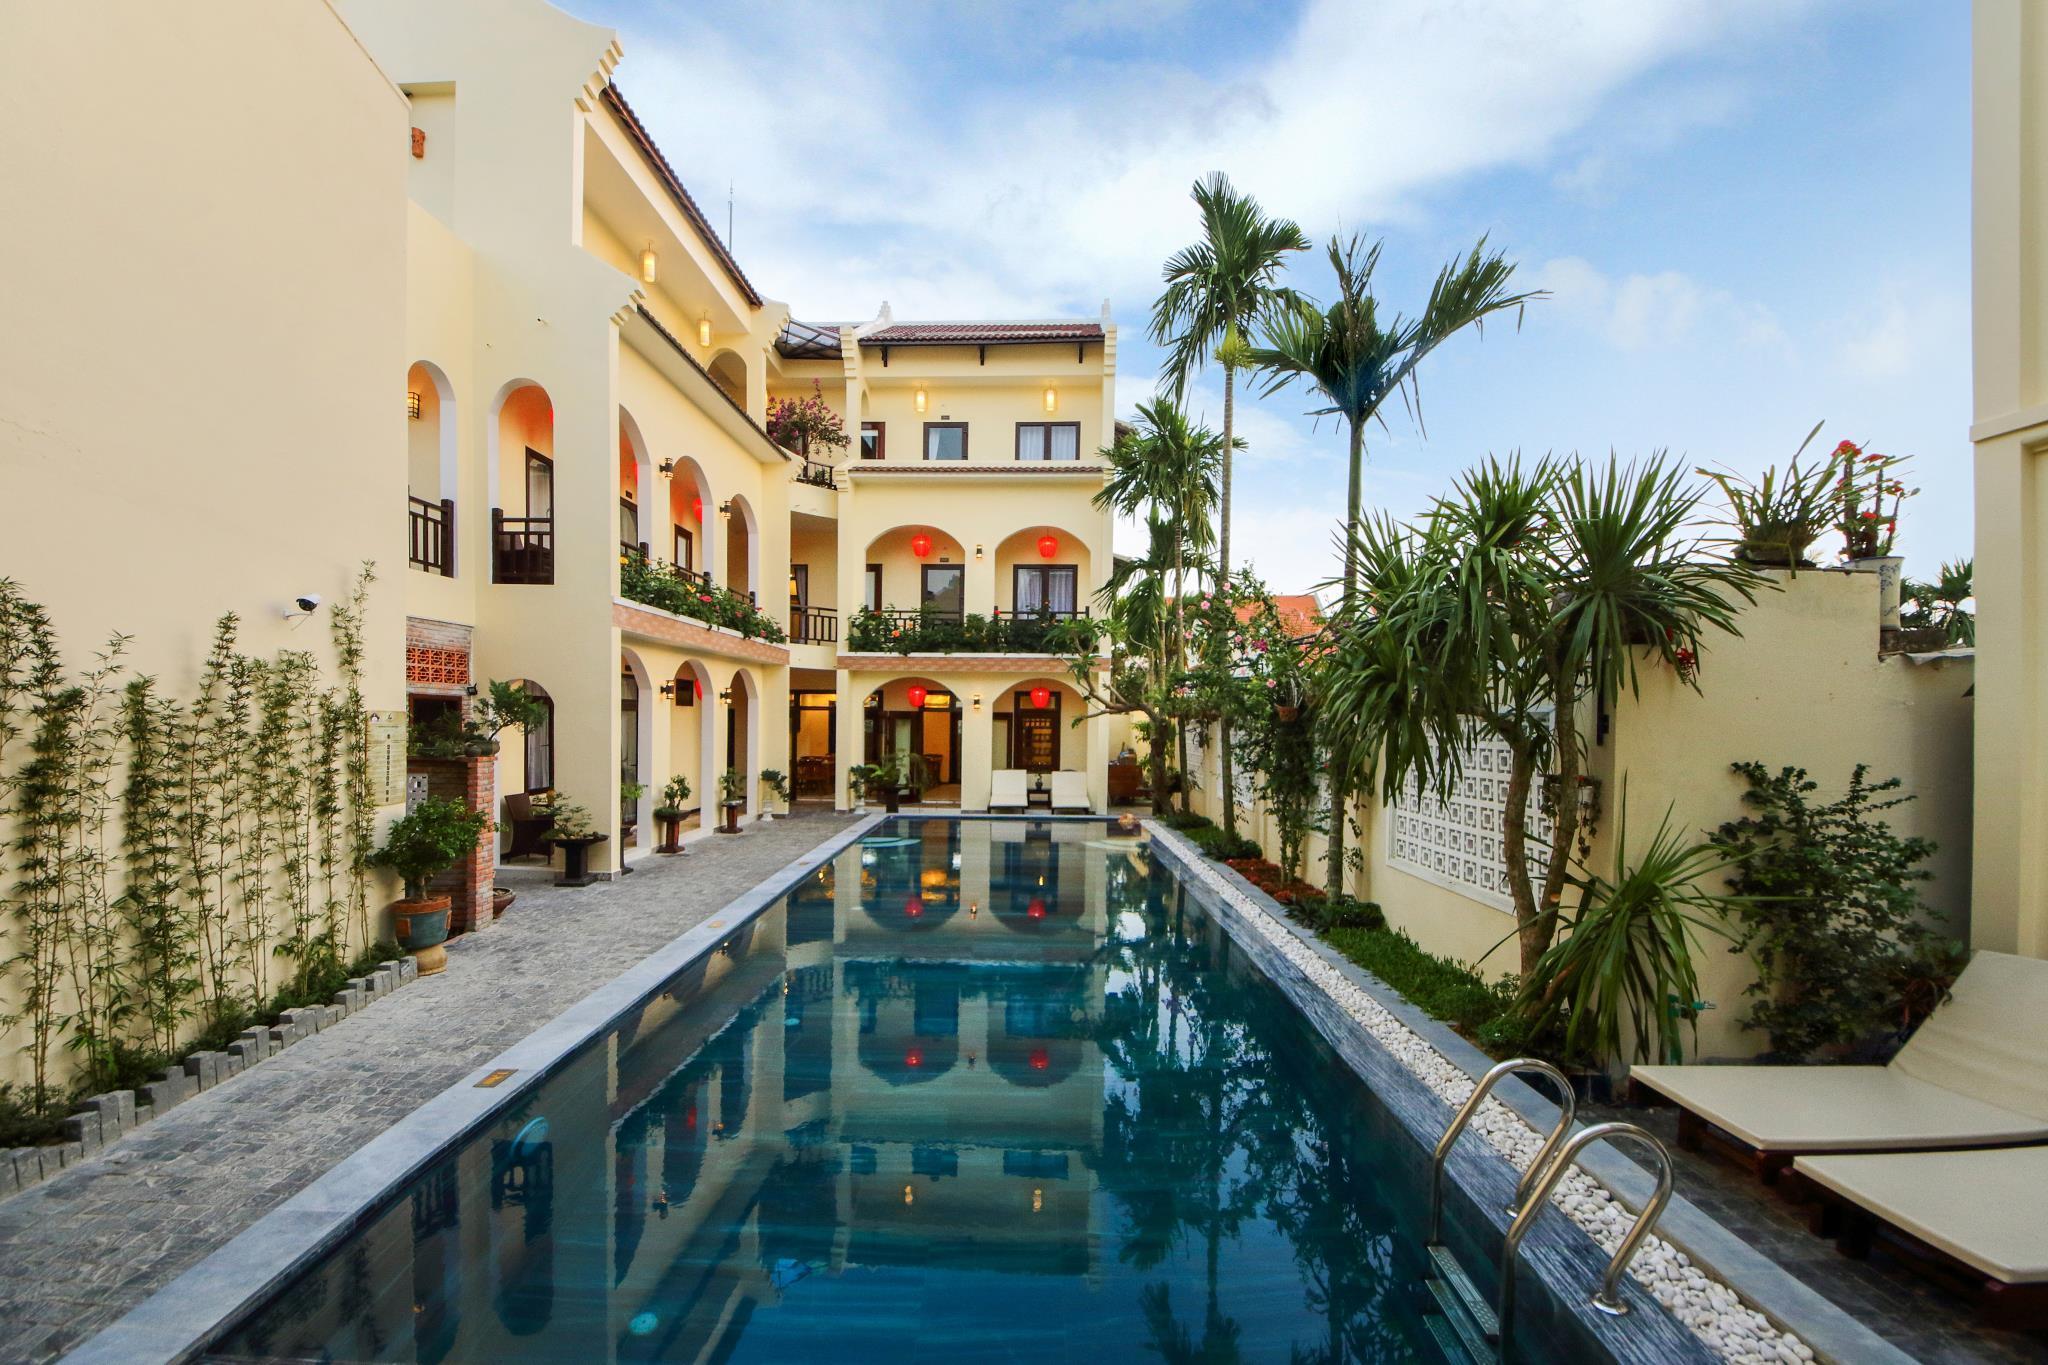 Little Town Villa Hoi An